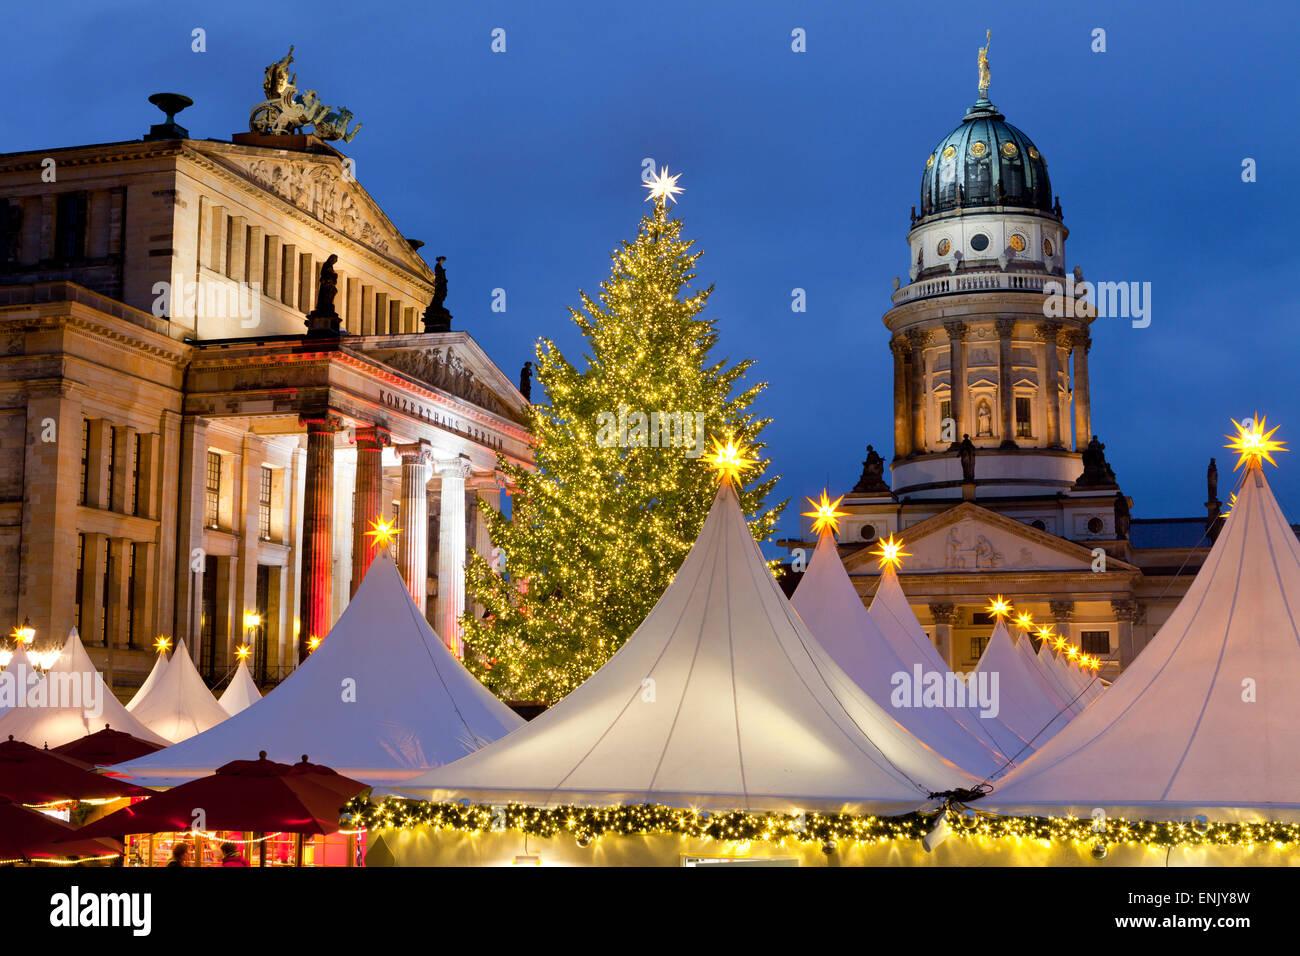 Der Gendarmenmarkt Weihnachtsmarkt, Theater und französischen Dom, Berlin, Deutschland, Europa Stockbild